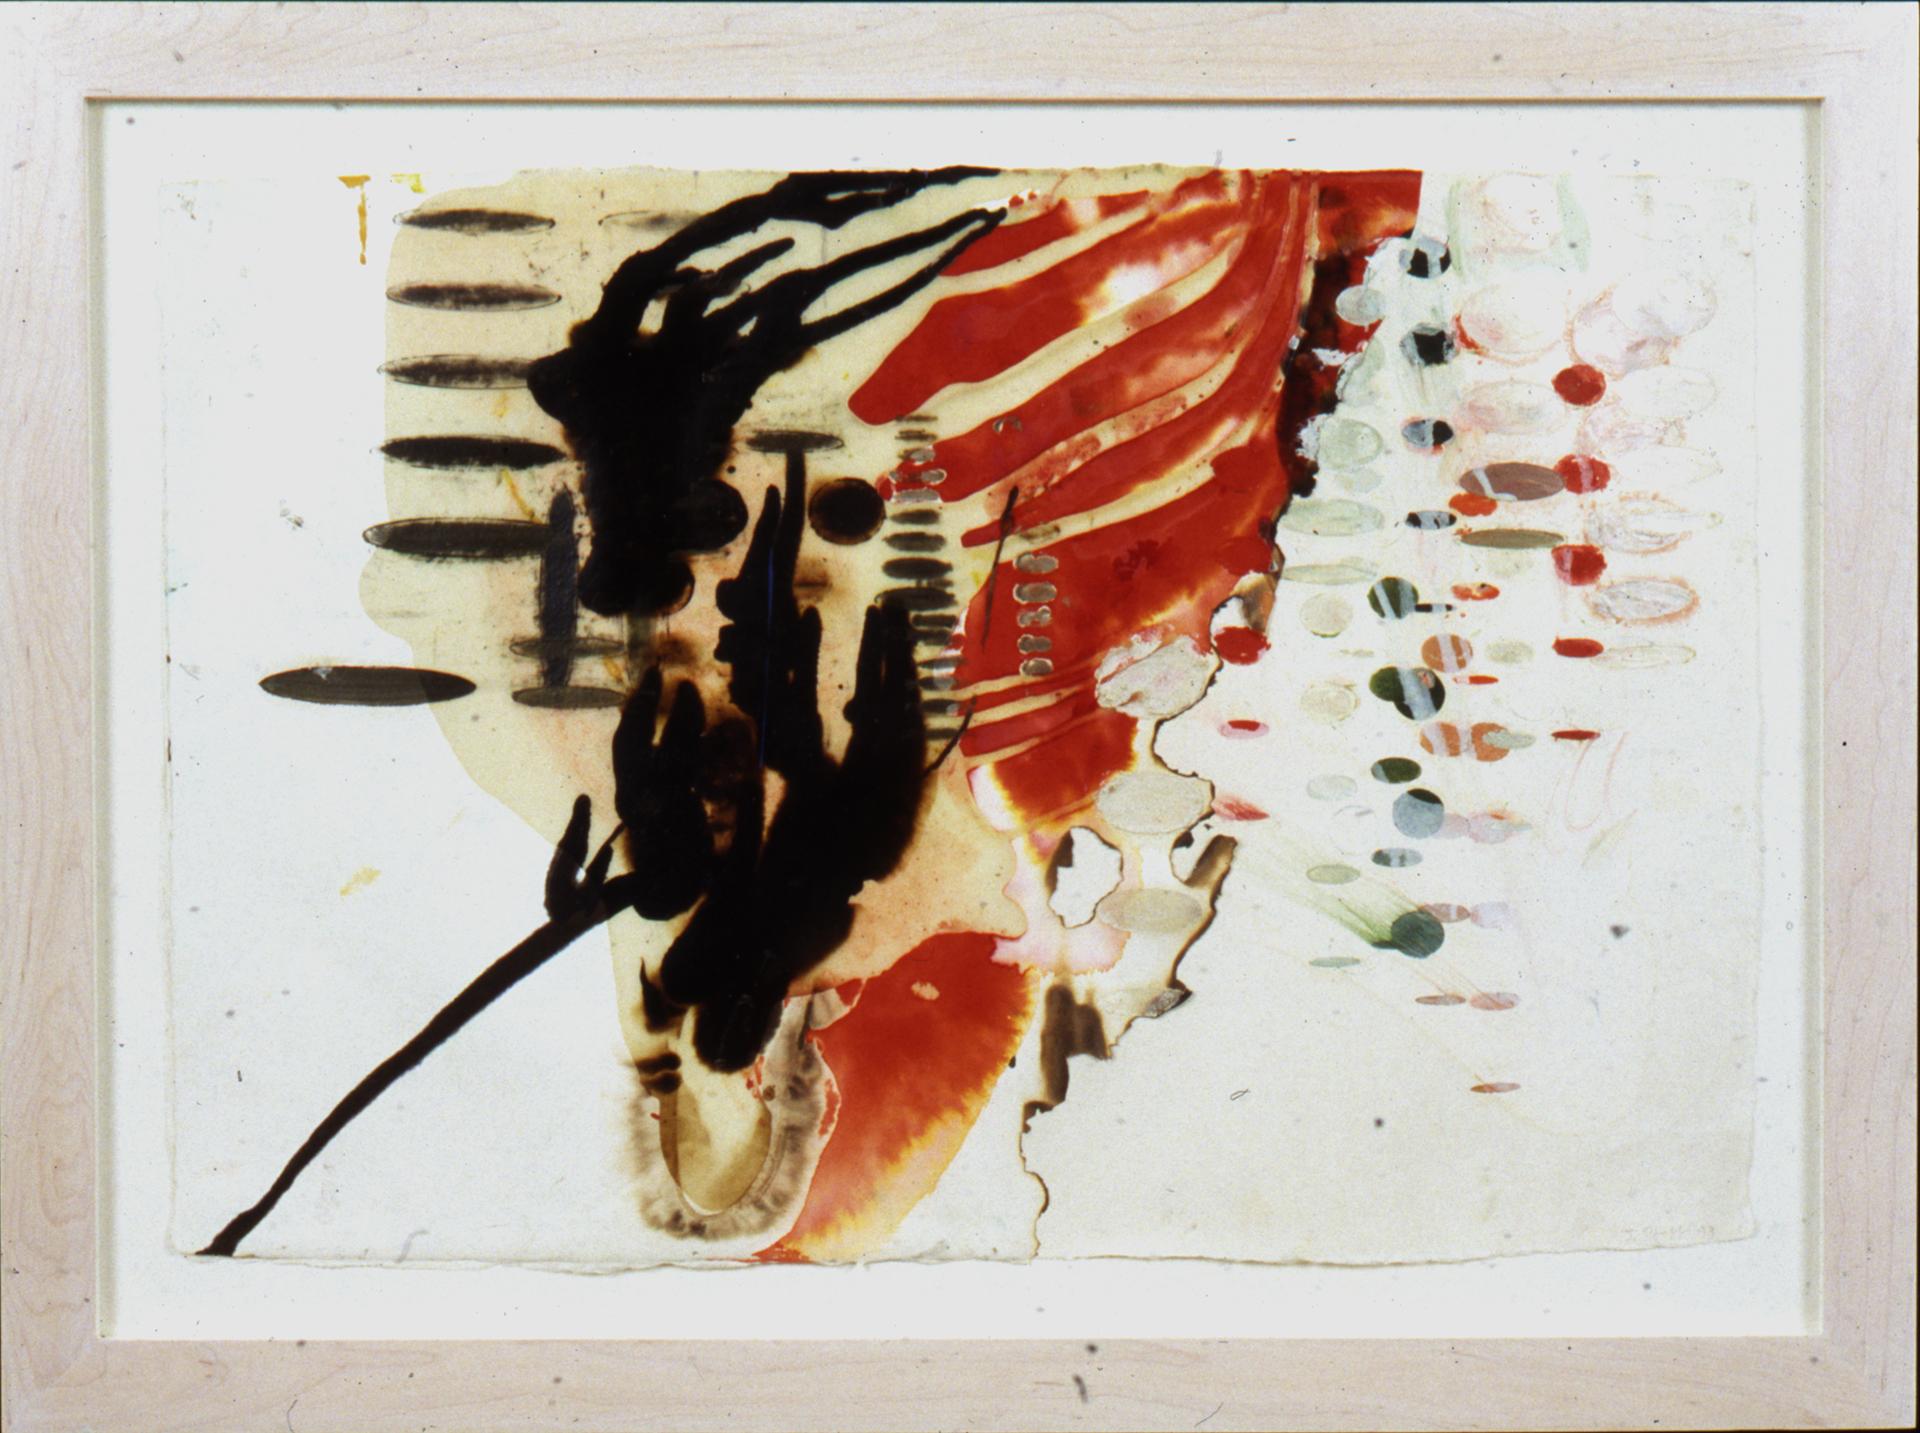 Oogonium, 1993